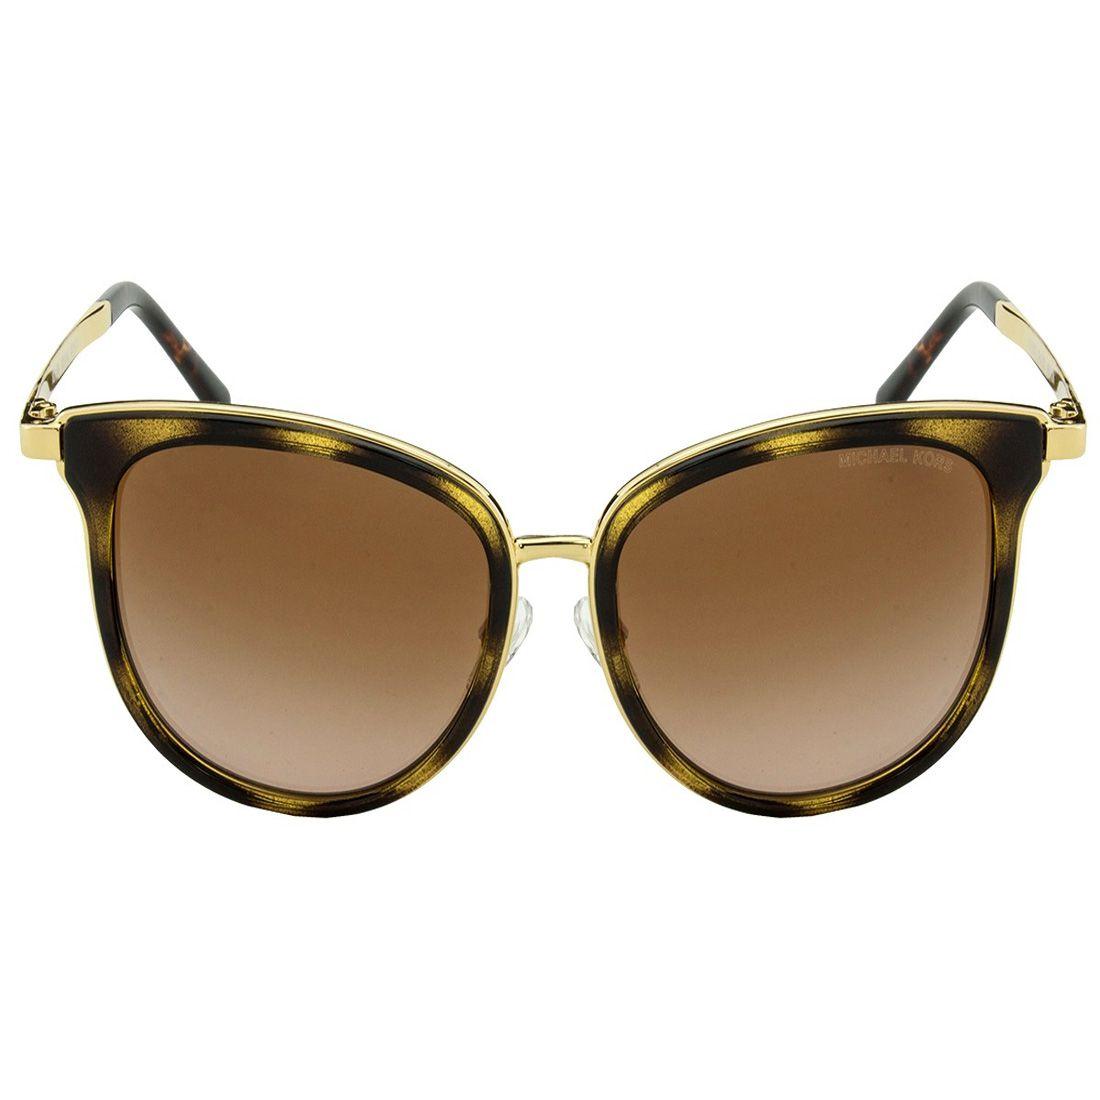 b060aa20b Óculos de Sol Michael Kors Coleção MK Adrianna I